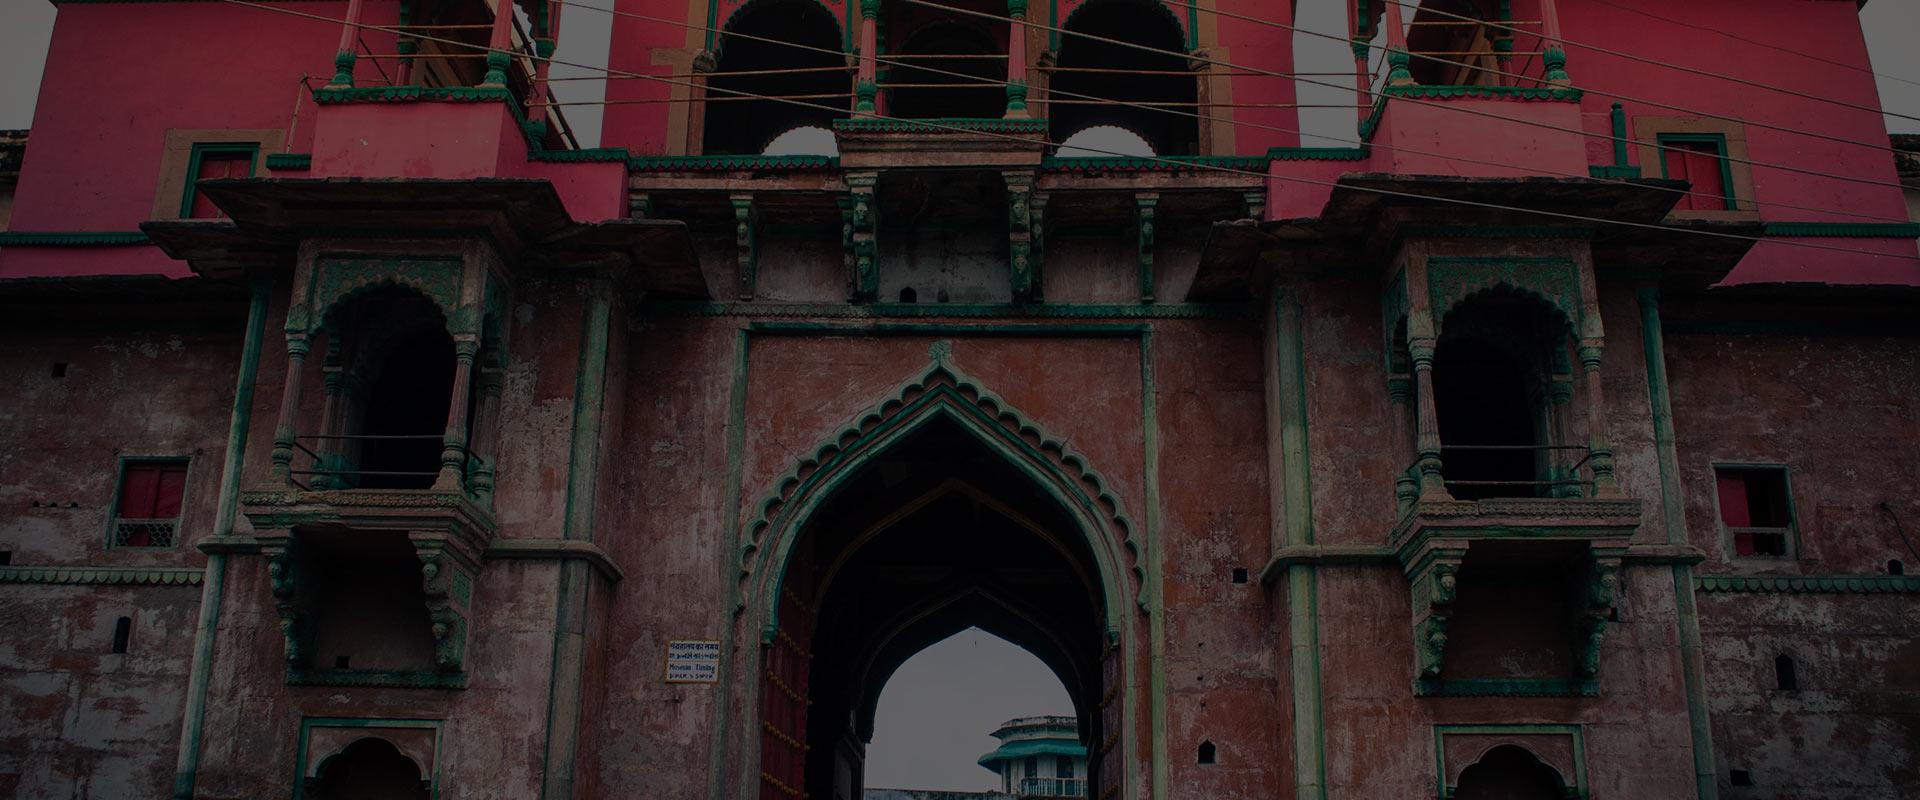 Ramnagar - Varanasi by Indoverse